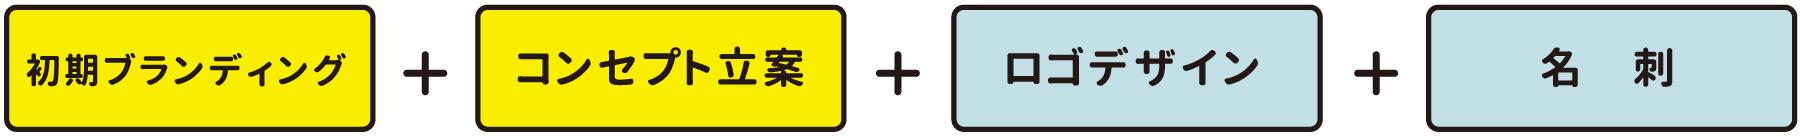 初期ブランディング+コンセプト立案+ロゴデザイン+名刺